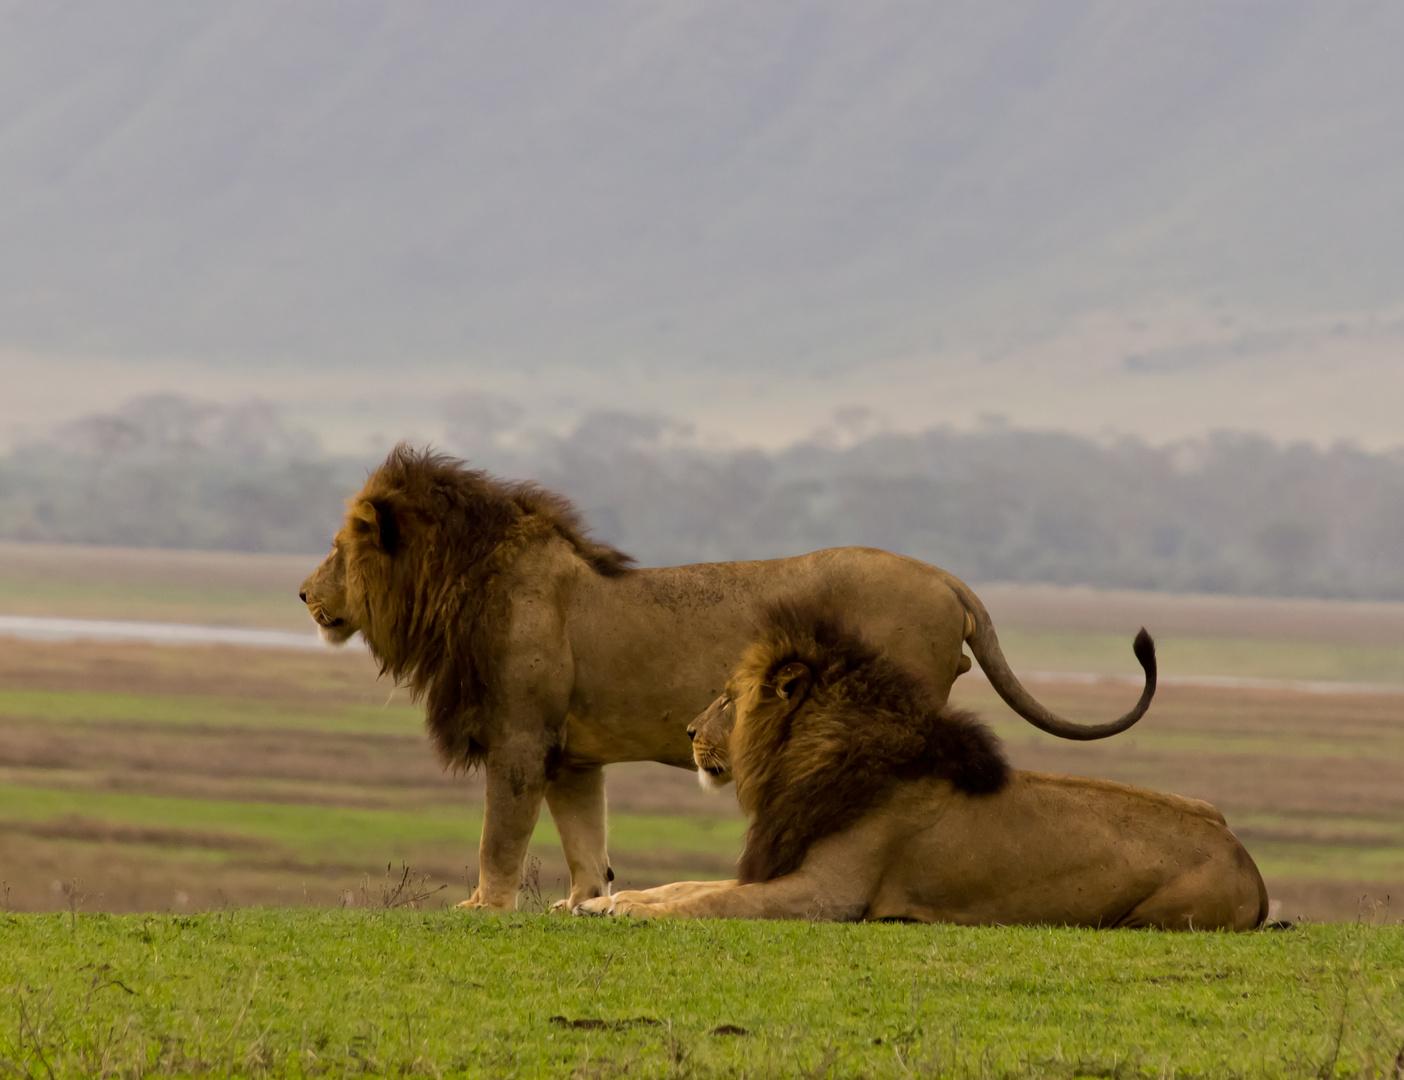 Löwen...na was wollen wir heute abend futtern?